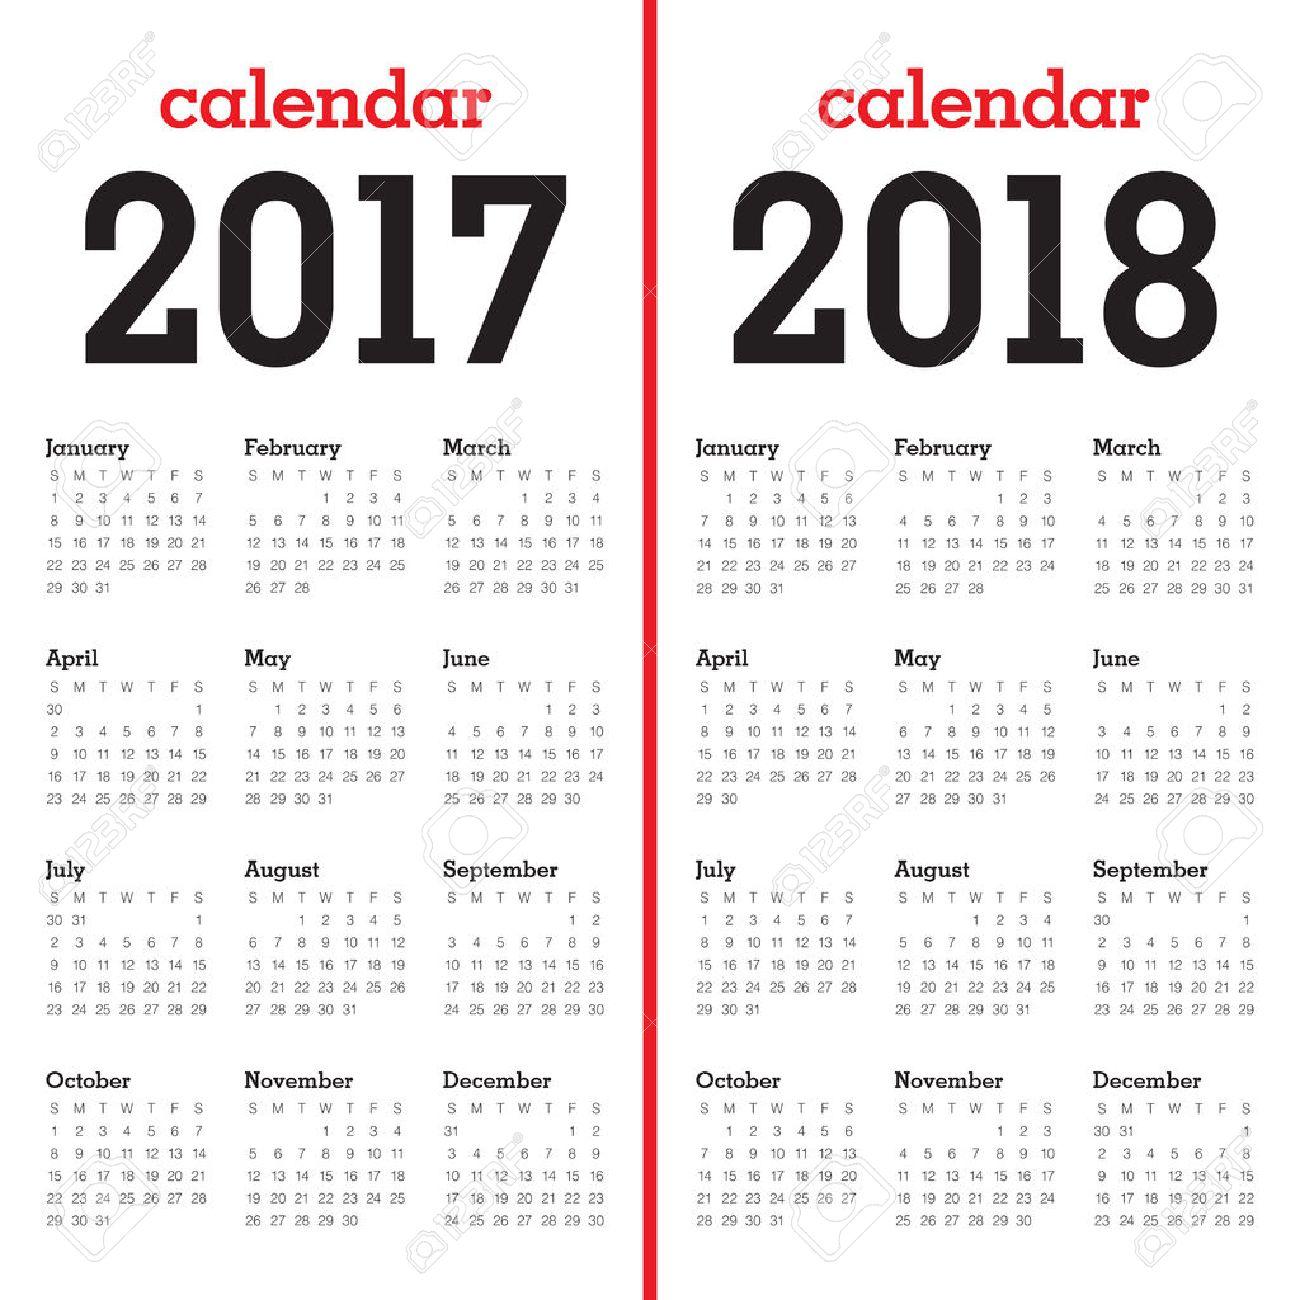 Plantilla Calendario Simple Para El Año 2017 Y El Año 2018 ...